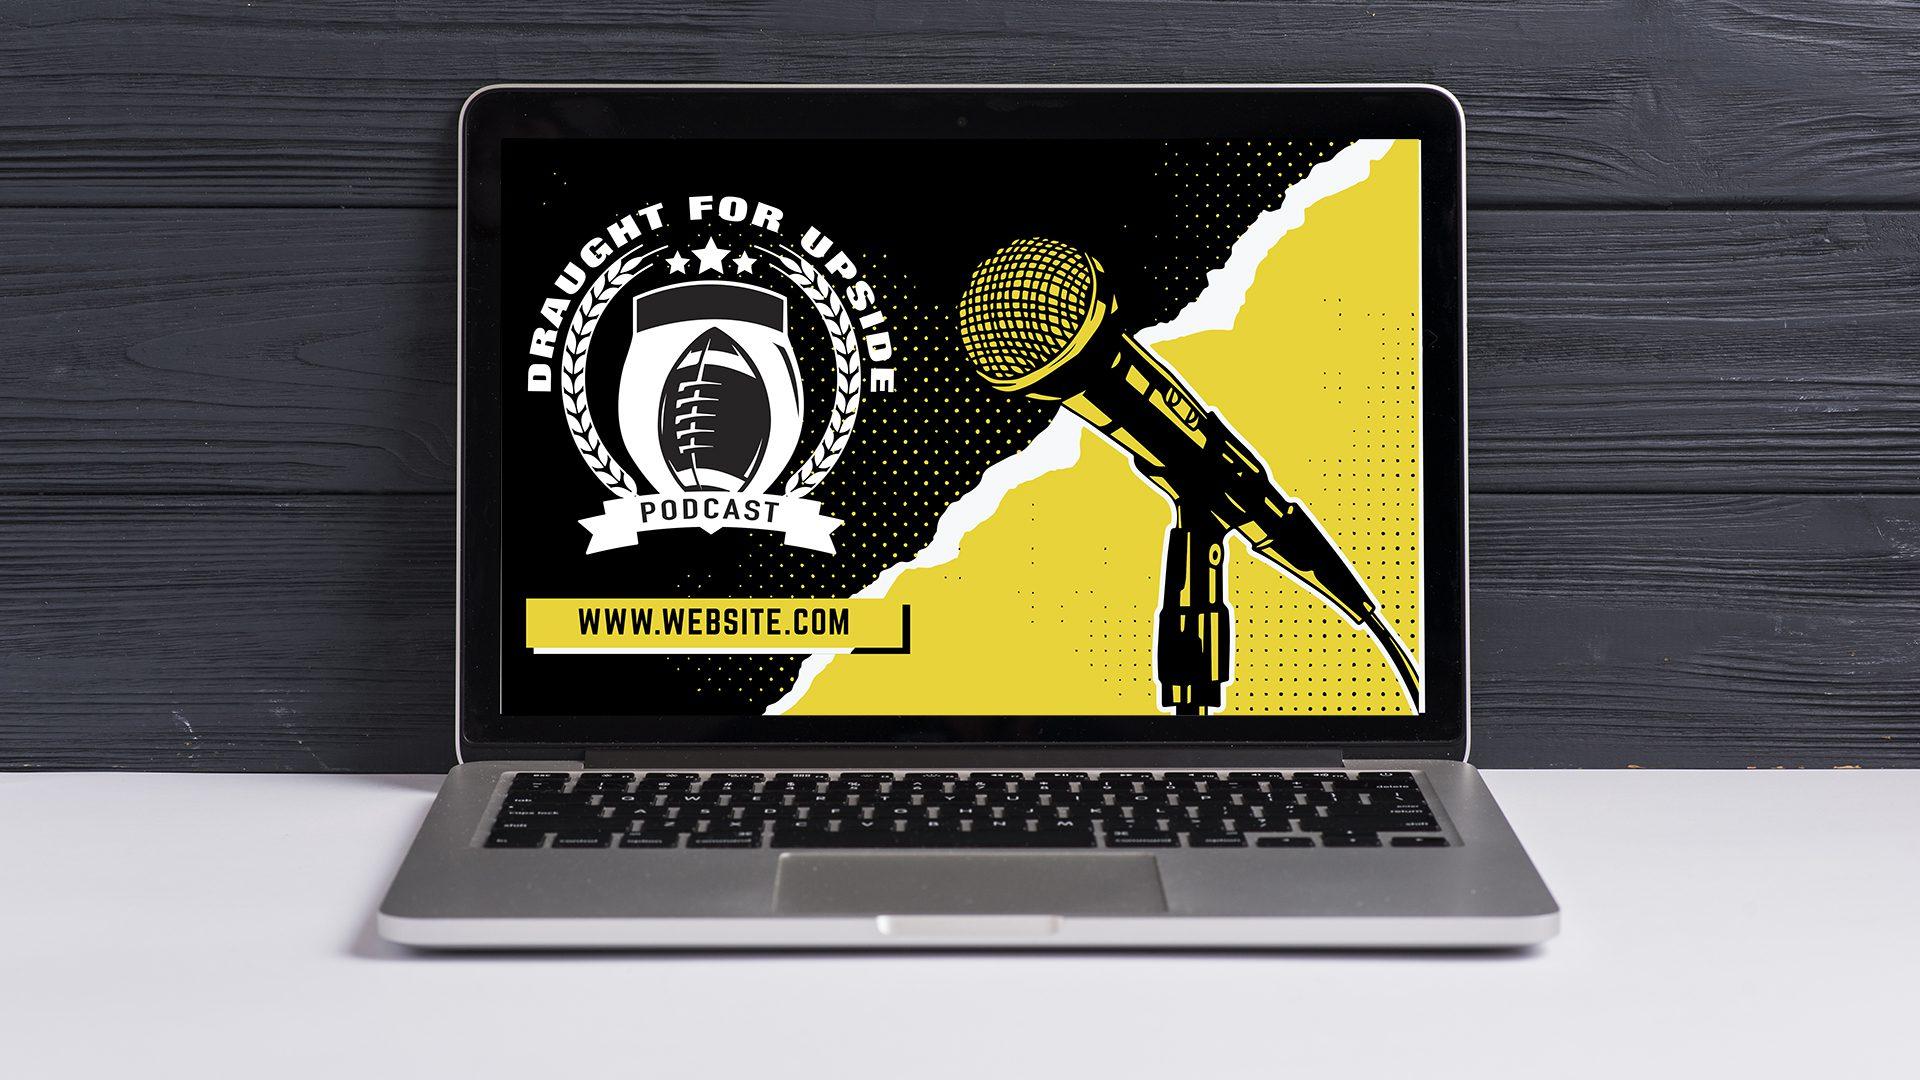 Draught for Upside – Logo Computer Mockup 01